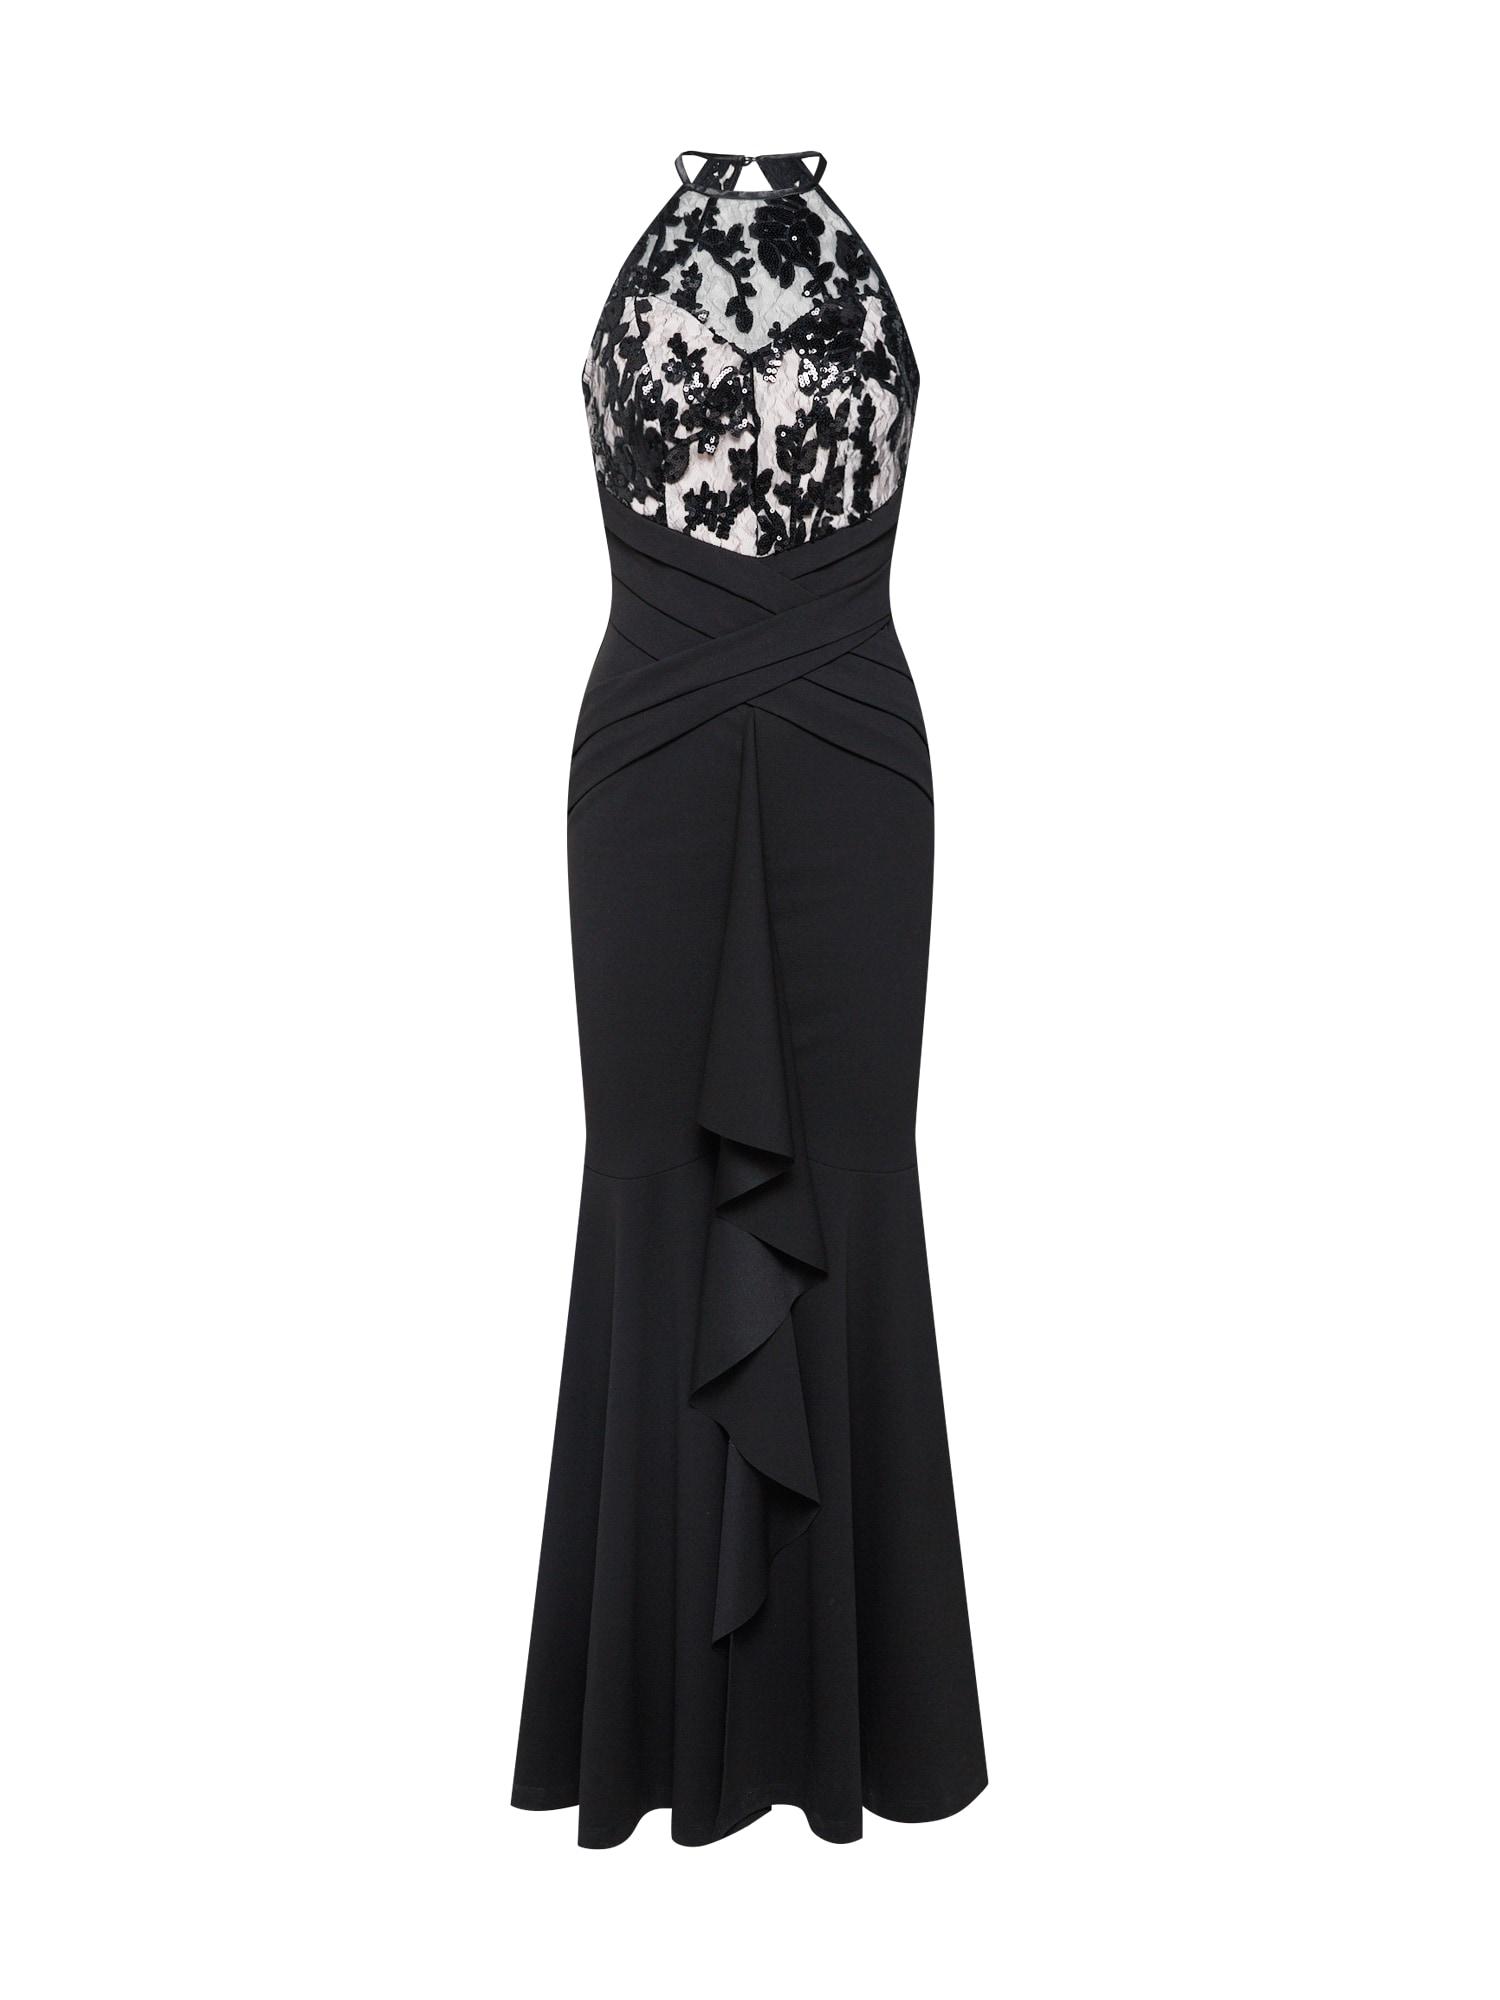 Společenské šaty BLACK SEQUIN BUILT UP MAXI světle šedá černá Lipsy